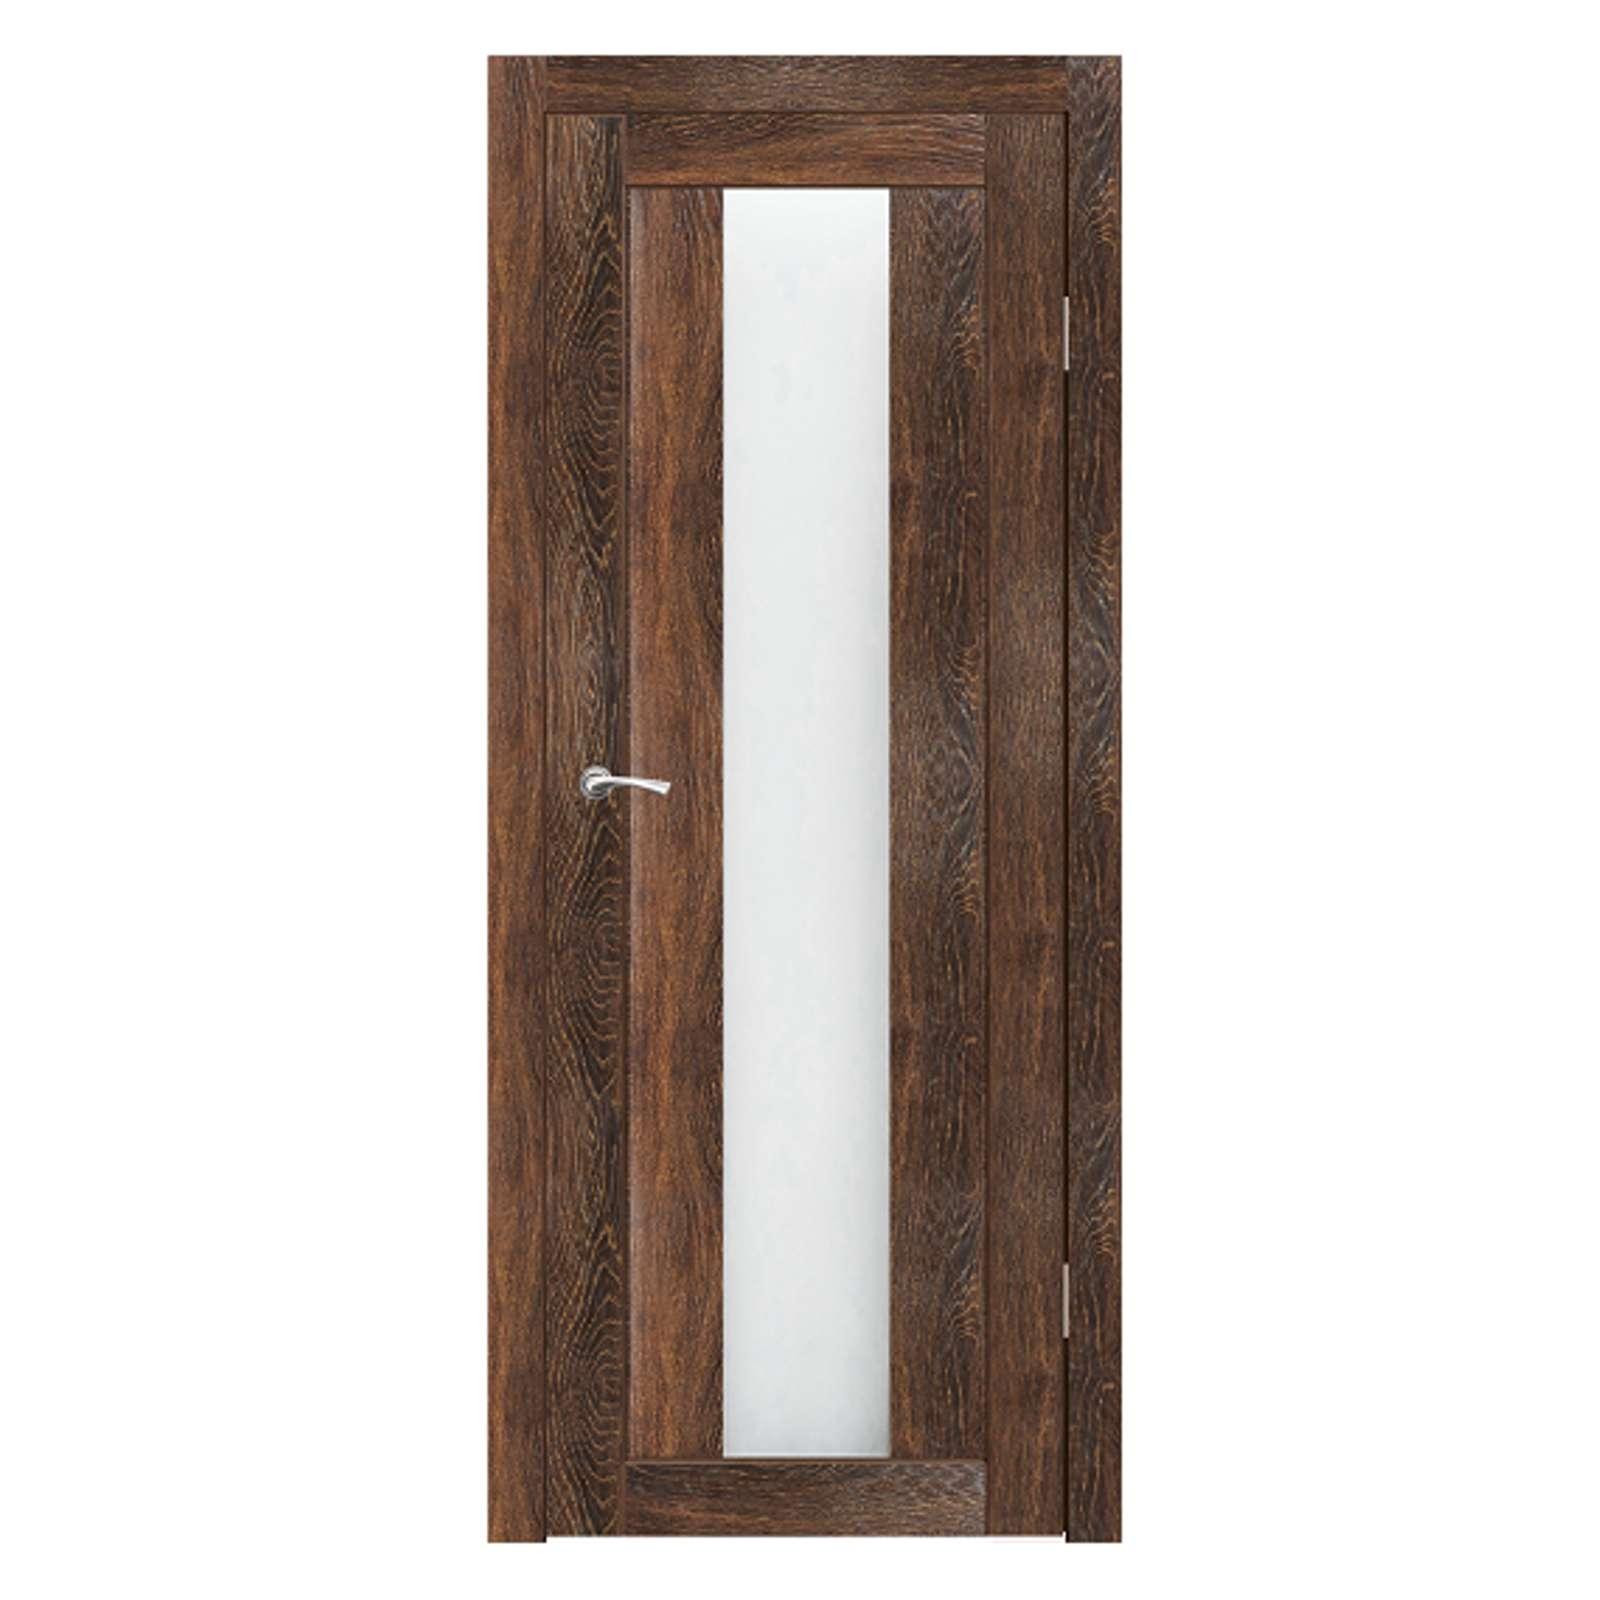 Дверное полотно Синержи Капелла, Виски, ПДО 700Х2000ММ